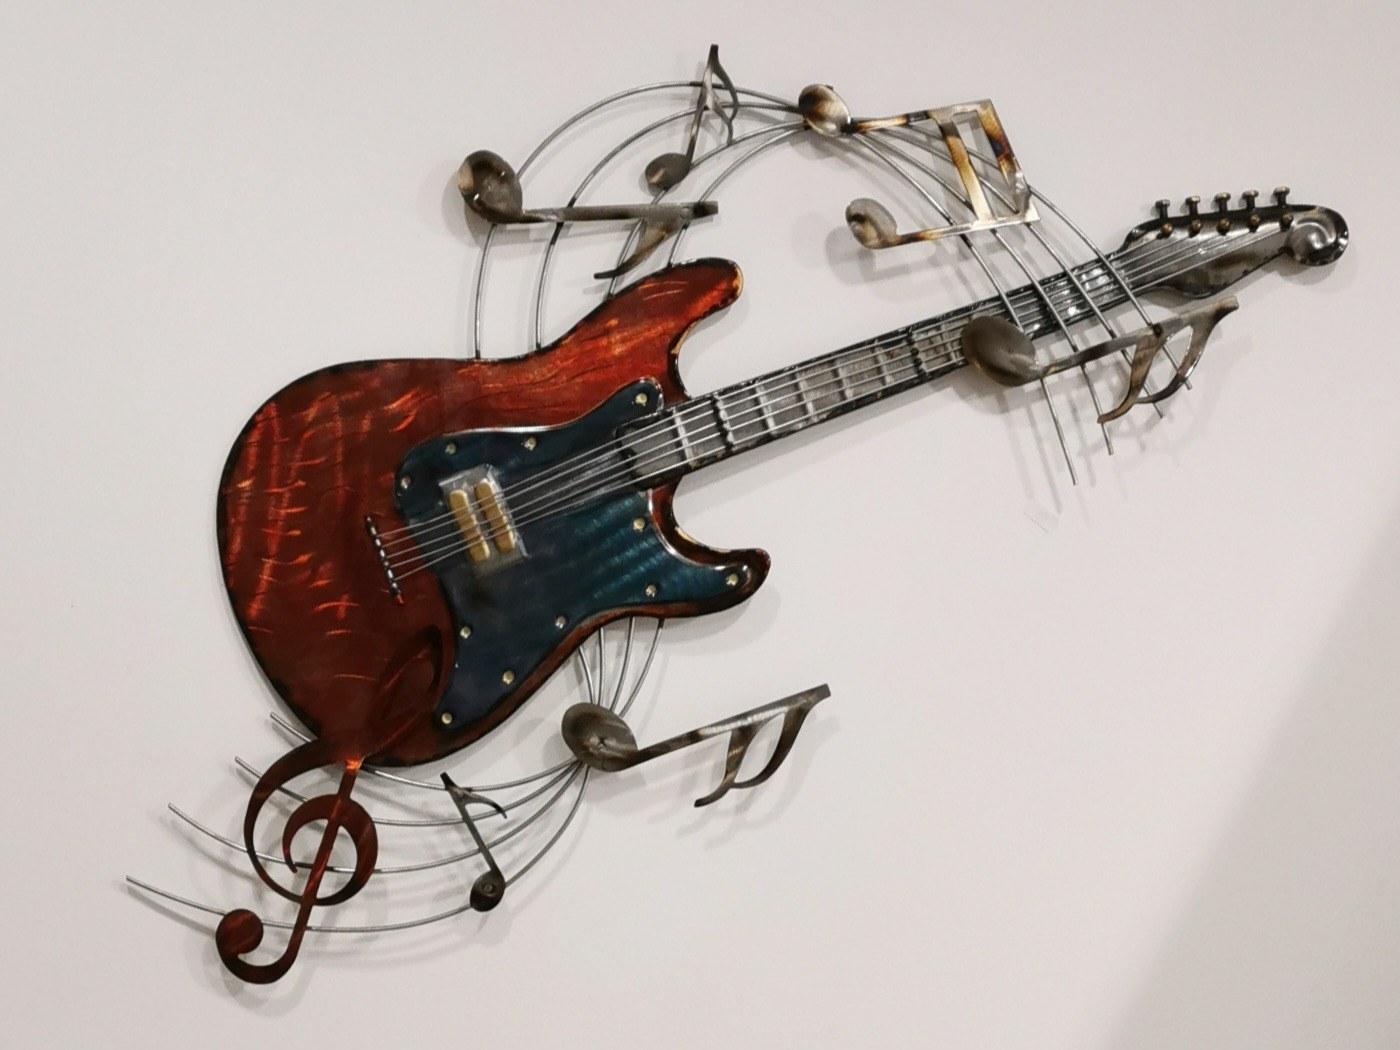 La guitare colorée et sa portée musicale